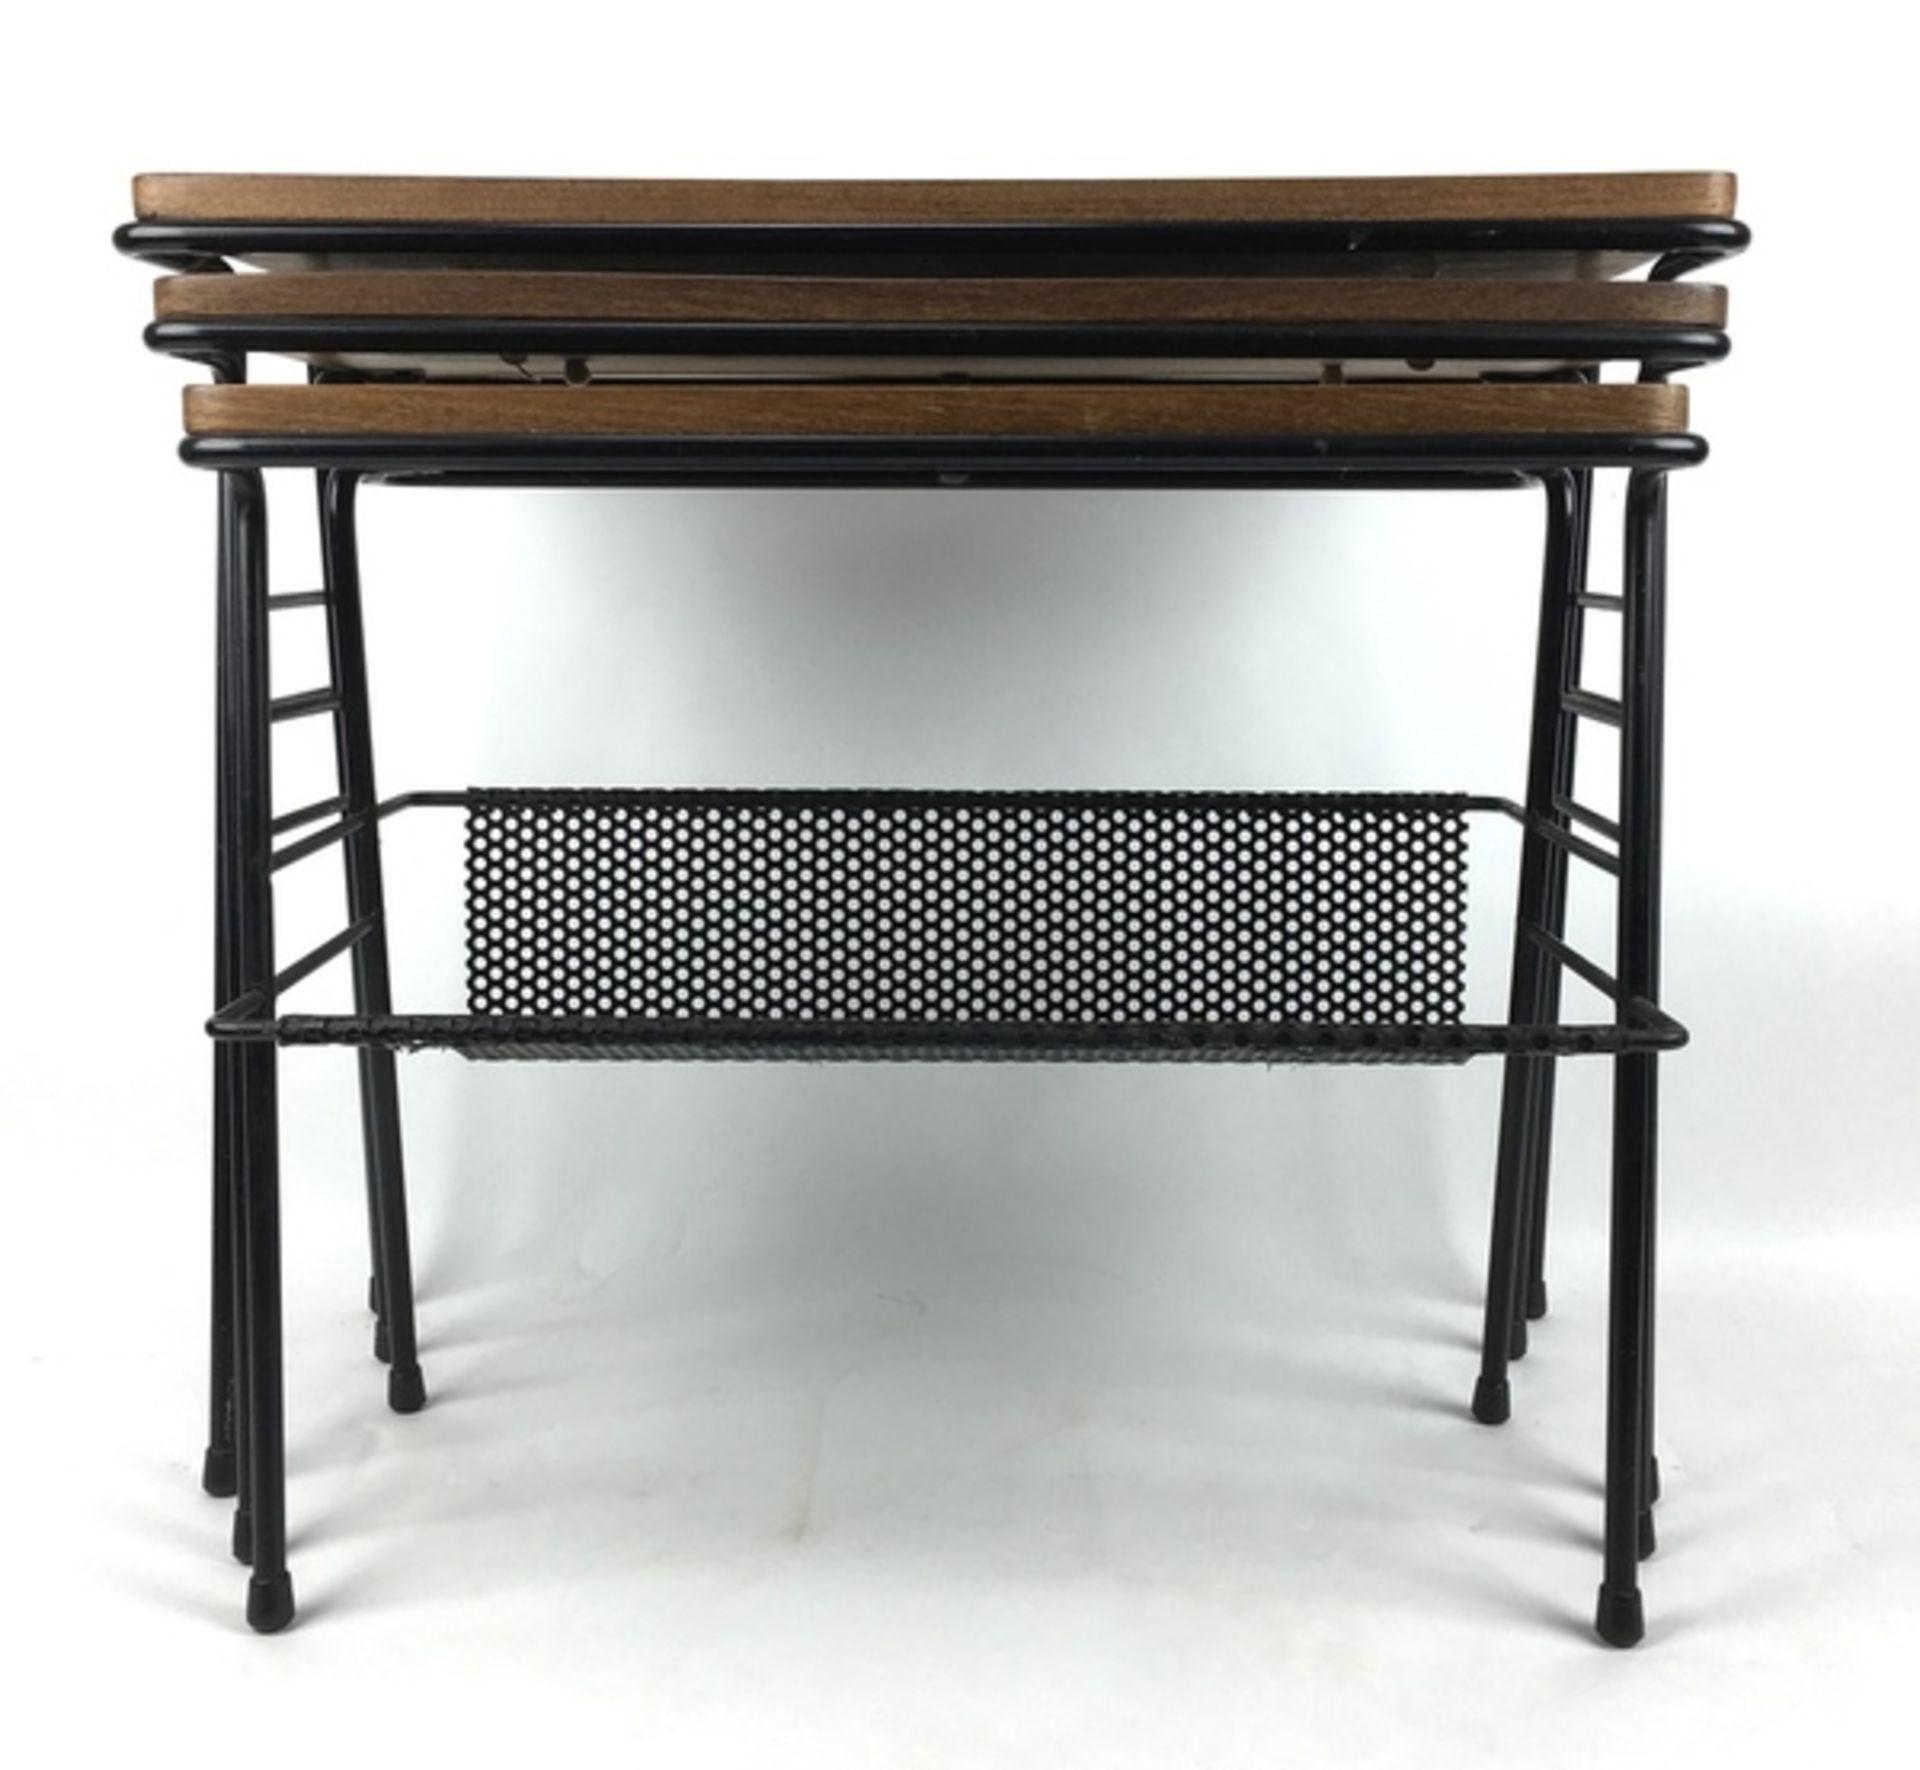 (Design) BijzettafelsSet van drie nestende bijzettafels, draad met hout. Kleinste tafel met gep - Image 2 of 3